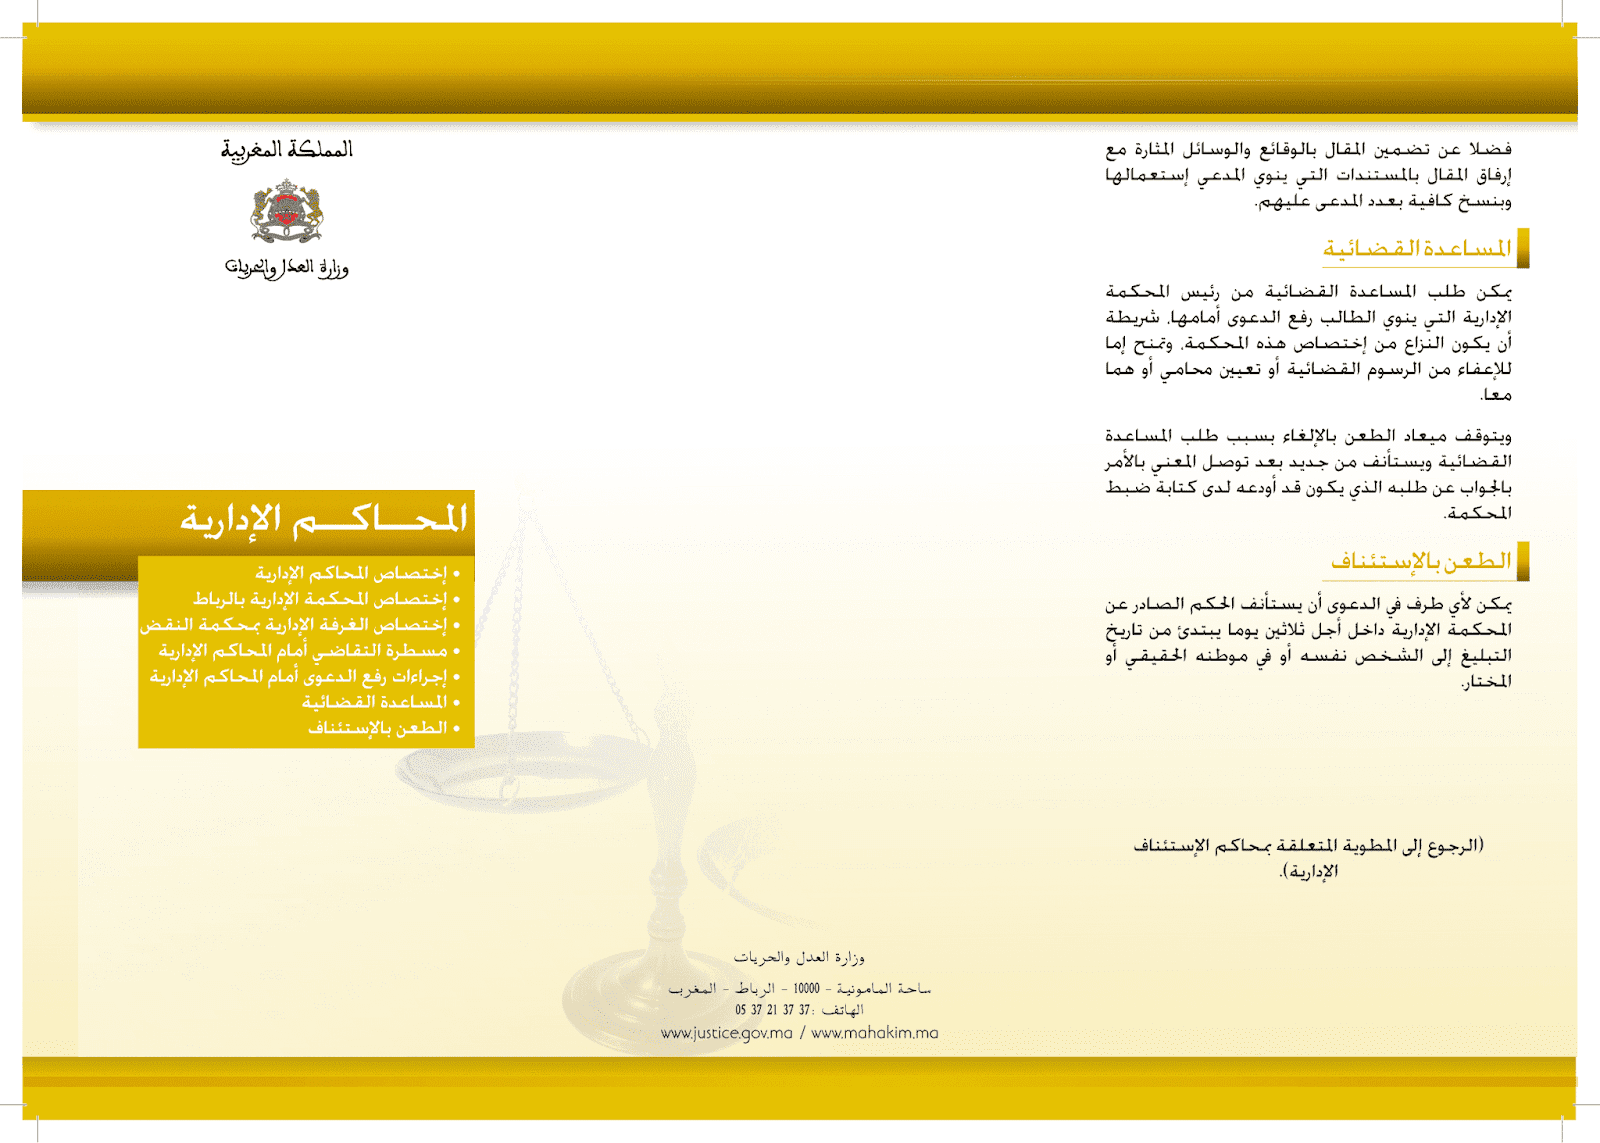 الاختصاص، المسطرة ، الاجراءات أمام المحاكم الادارية